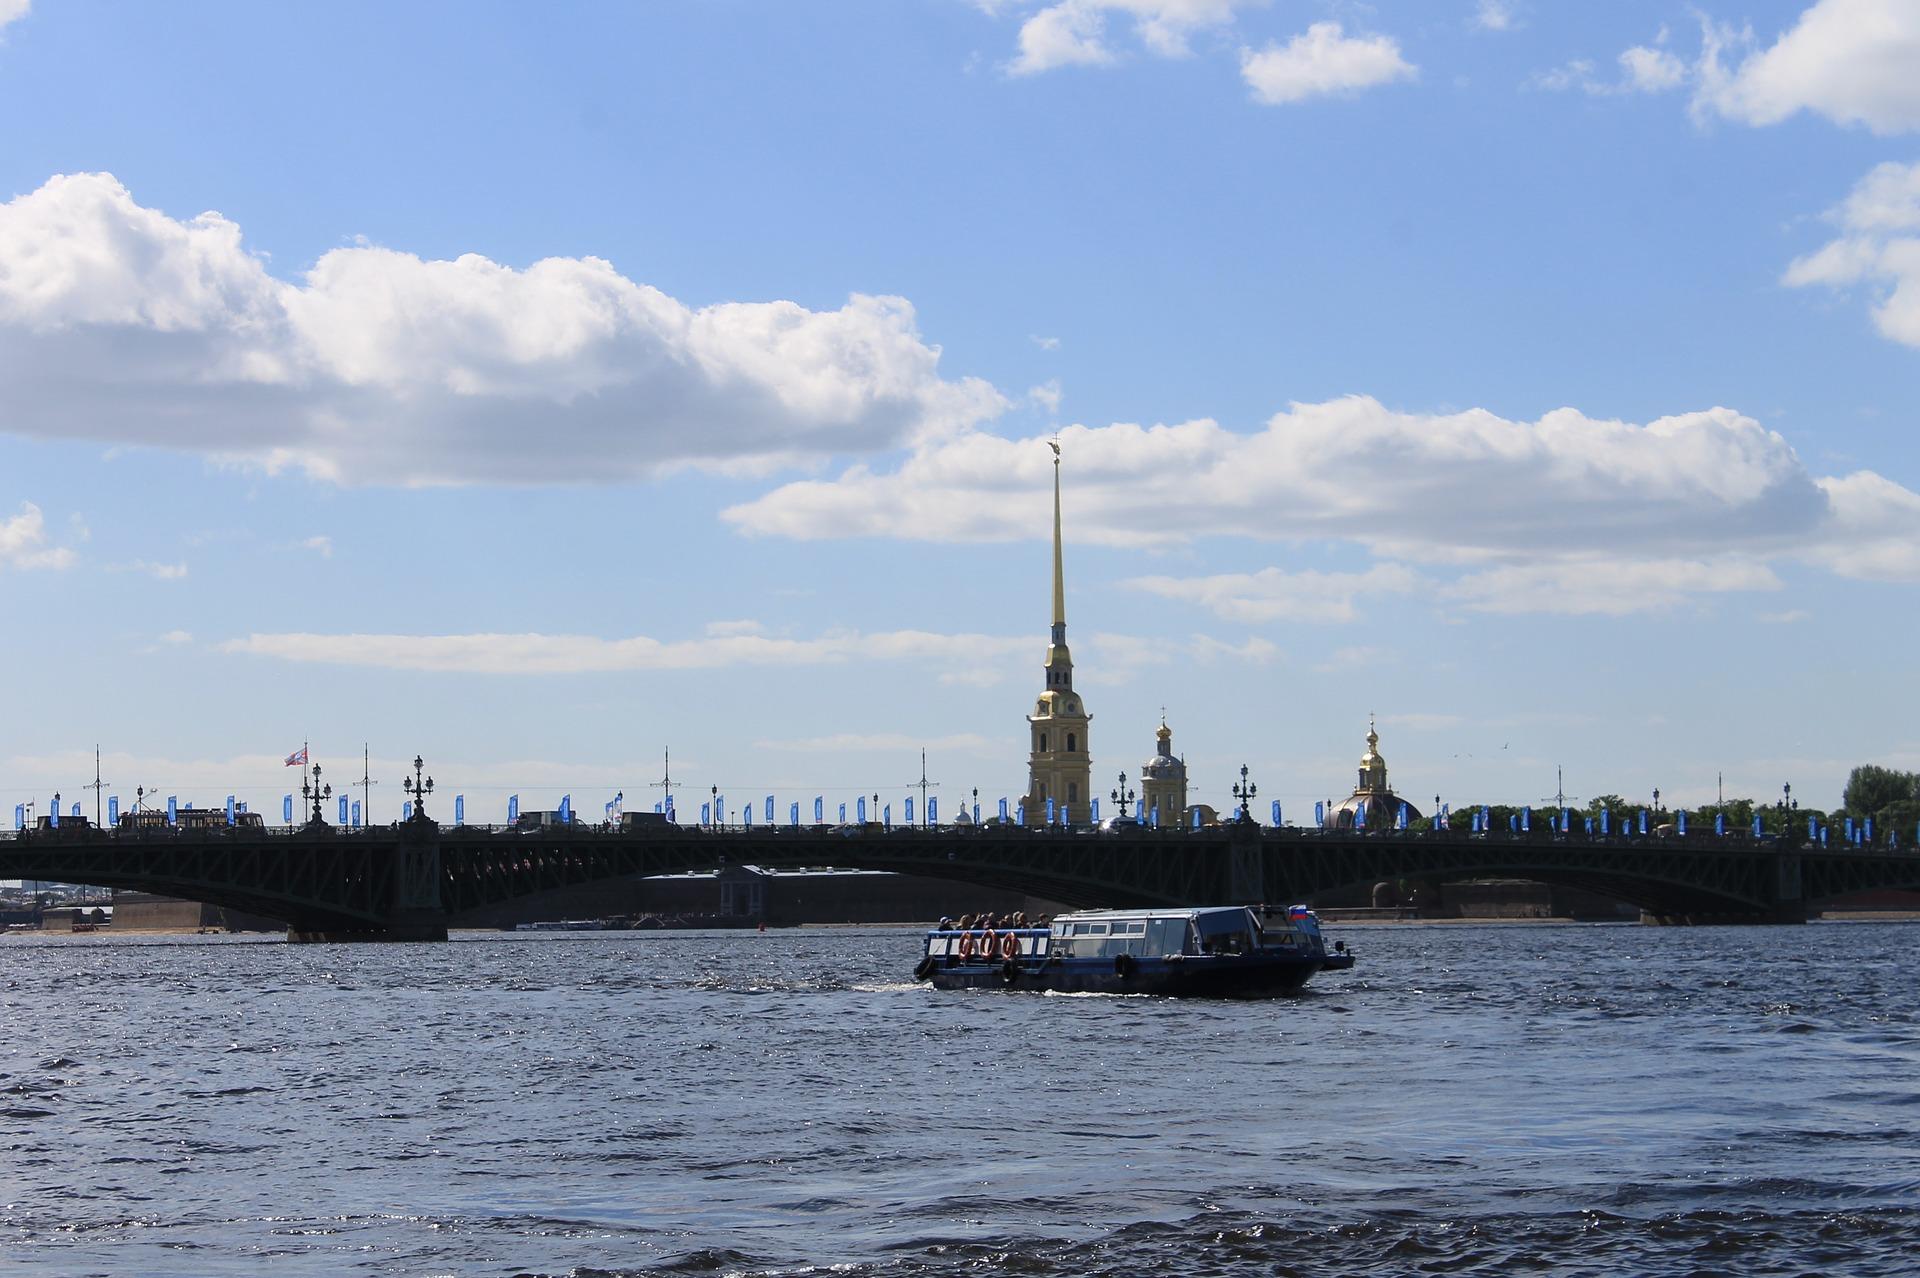 Ловите момент, пока тепло: Петербуржцы нашли новый способ заработать в жару